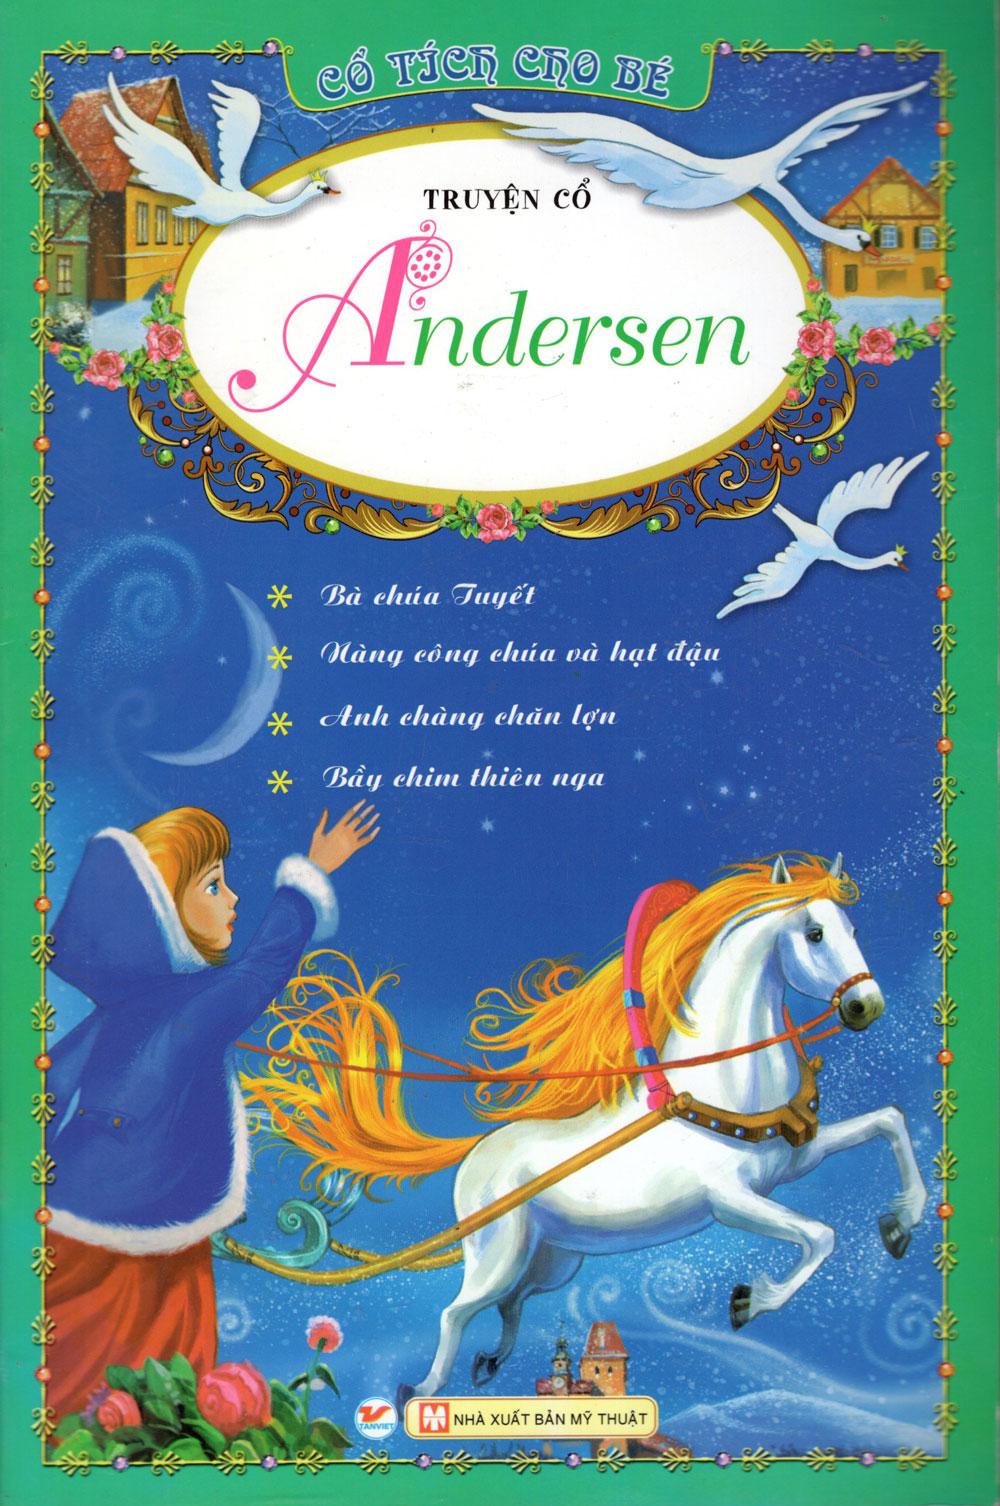 Cổ Tích Cho Bé - Truyện Cổ Andersen